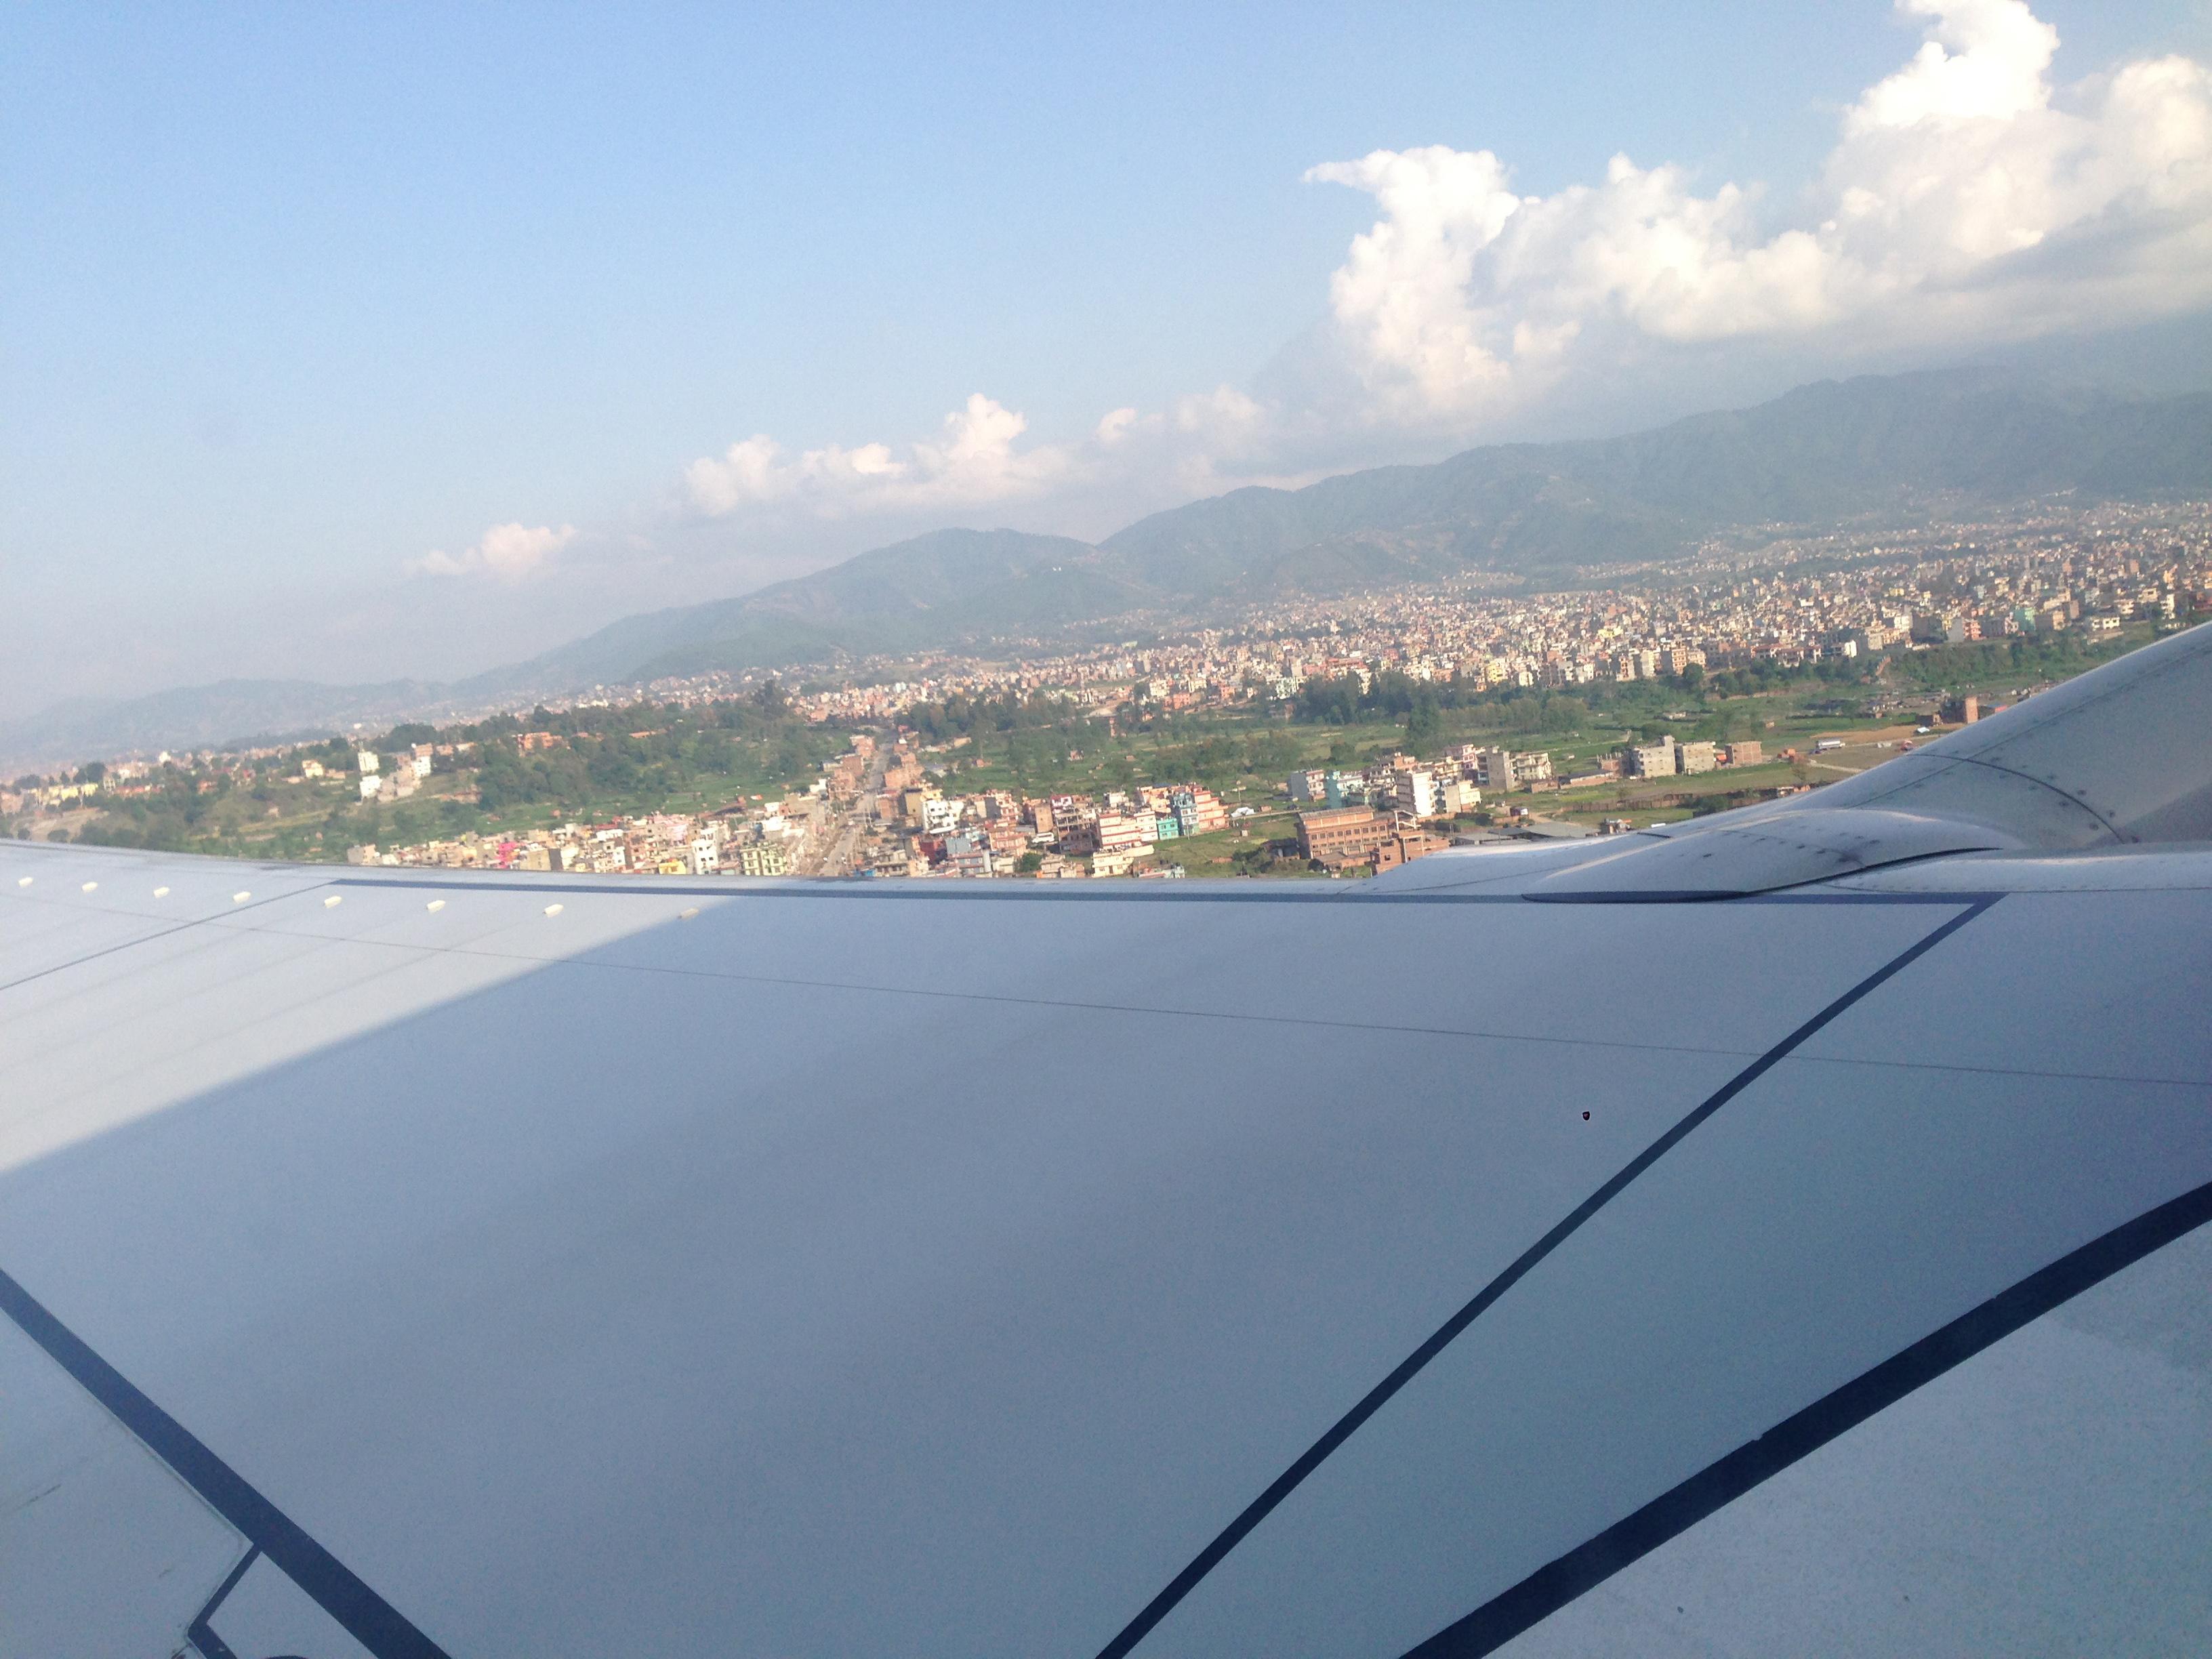 22-cao nguyên Nepal và kathmandu nhìn từ máy bay